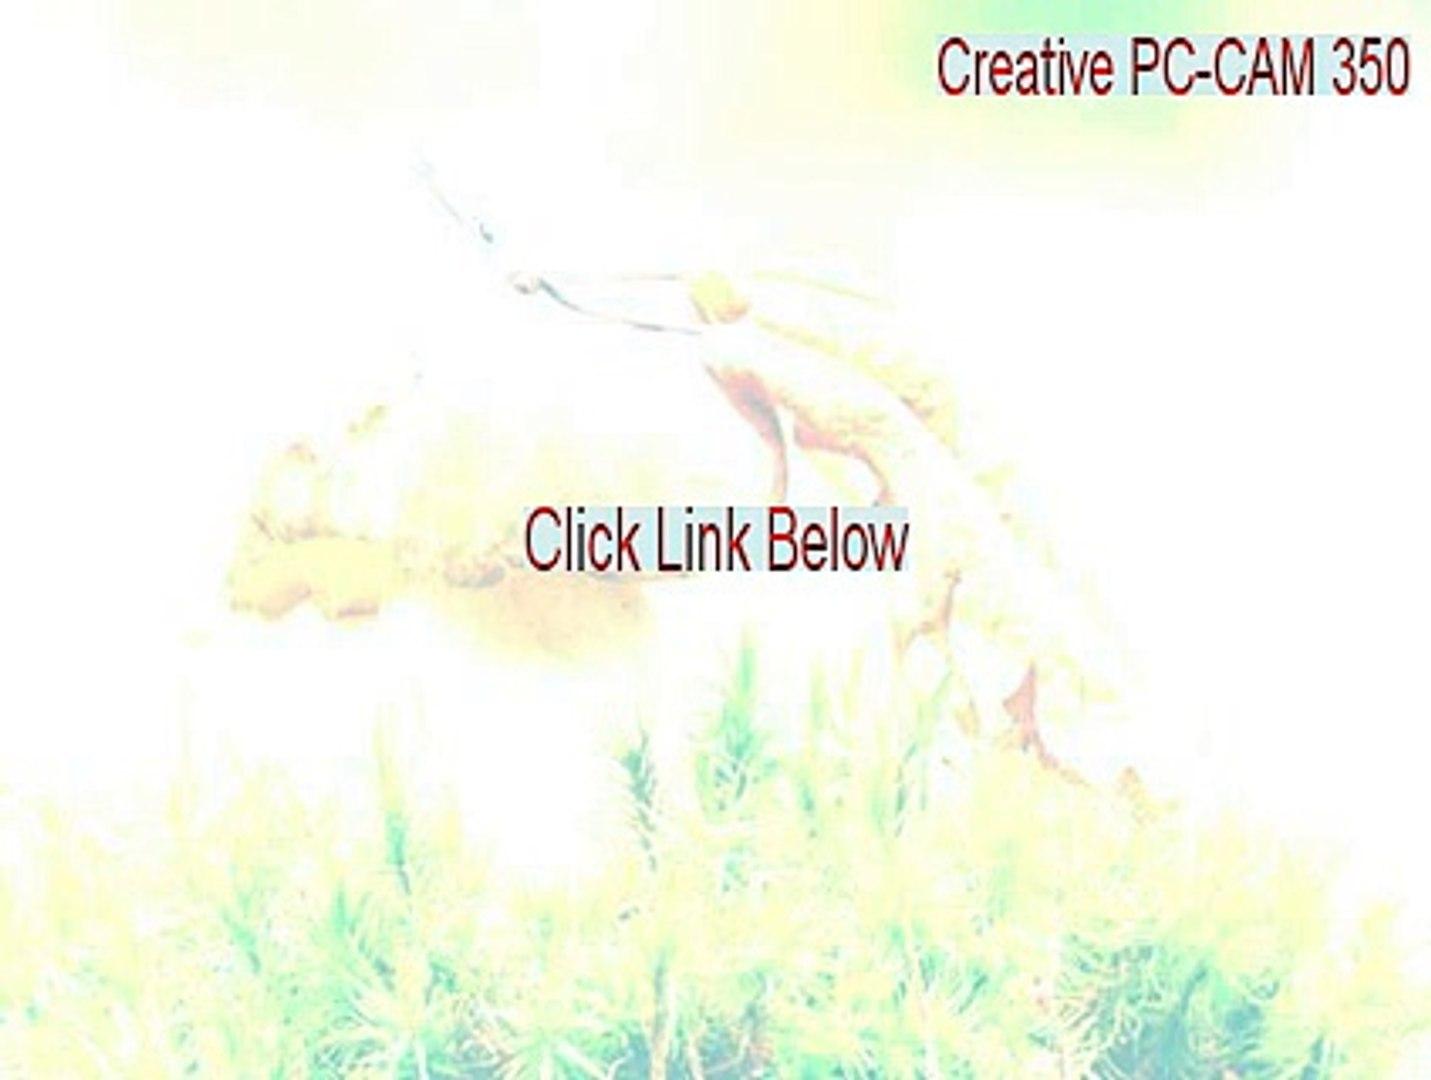 Creative PC-CAM 350 (Composite) Full (Instant Download 2015)